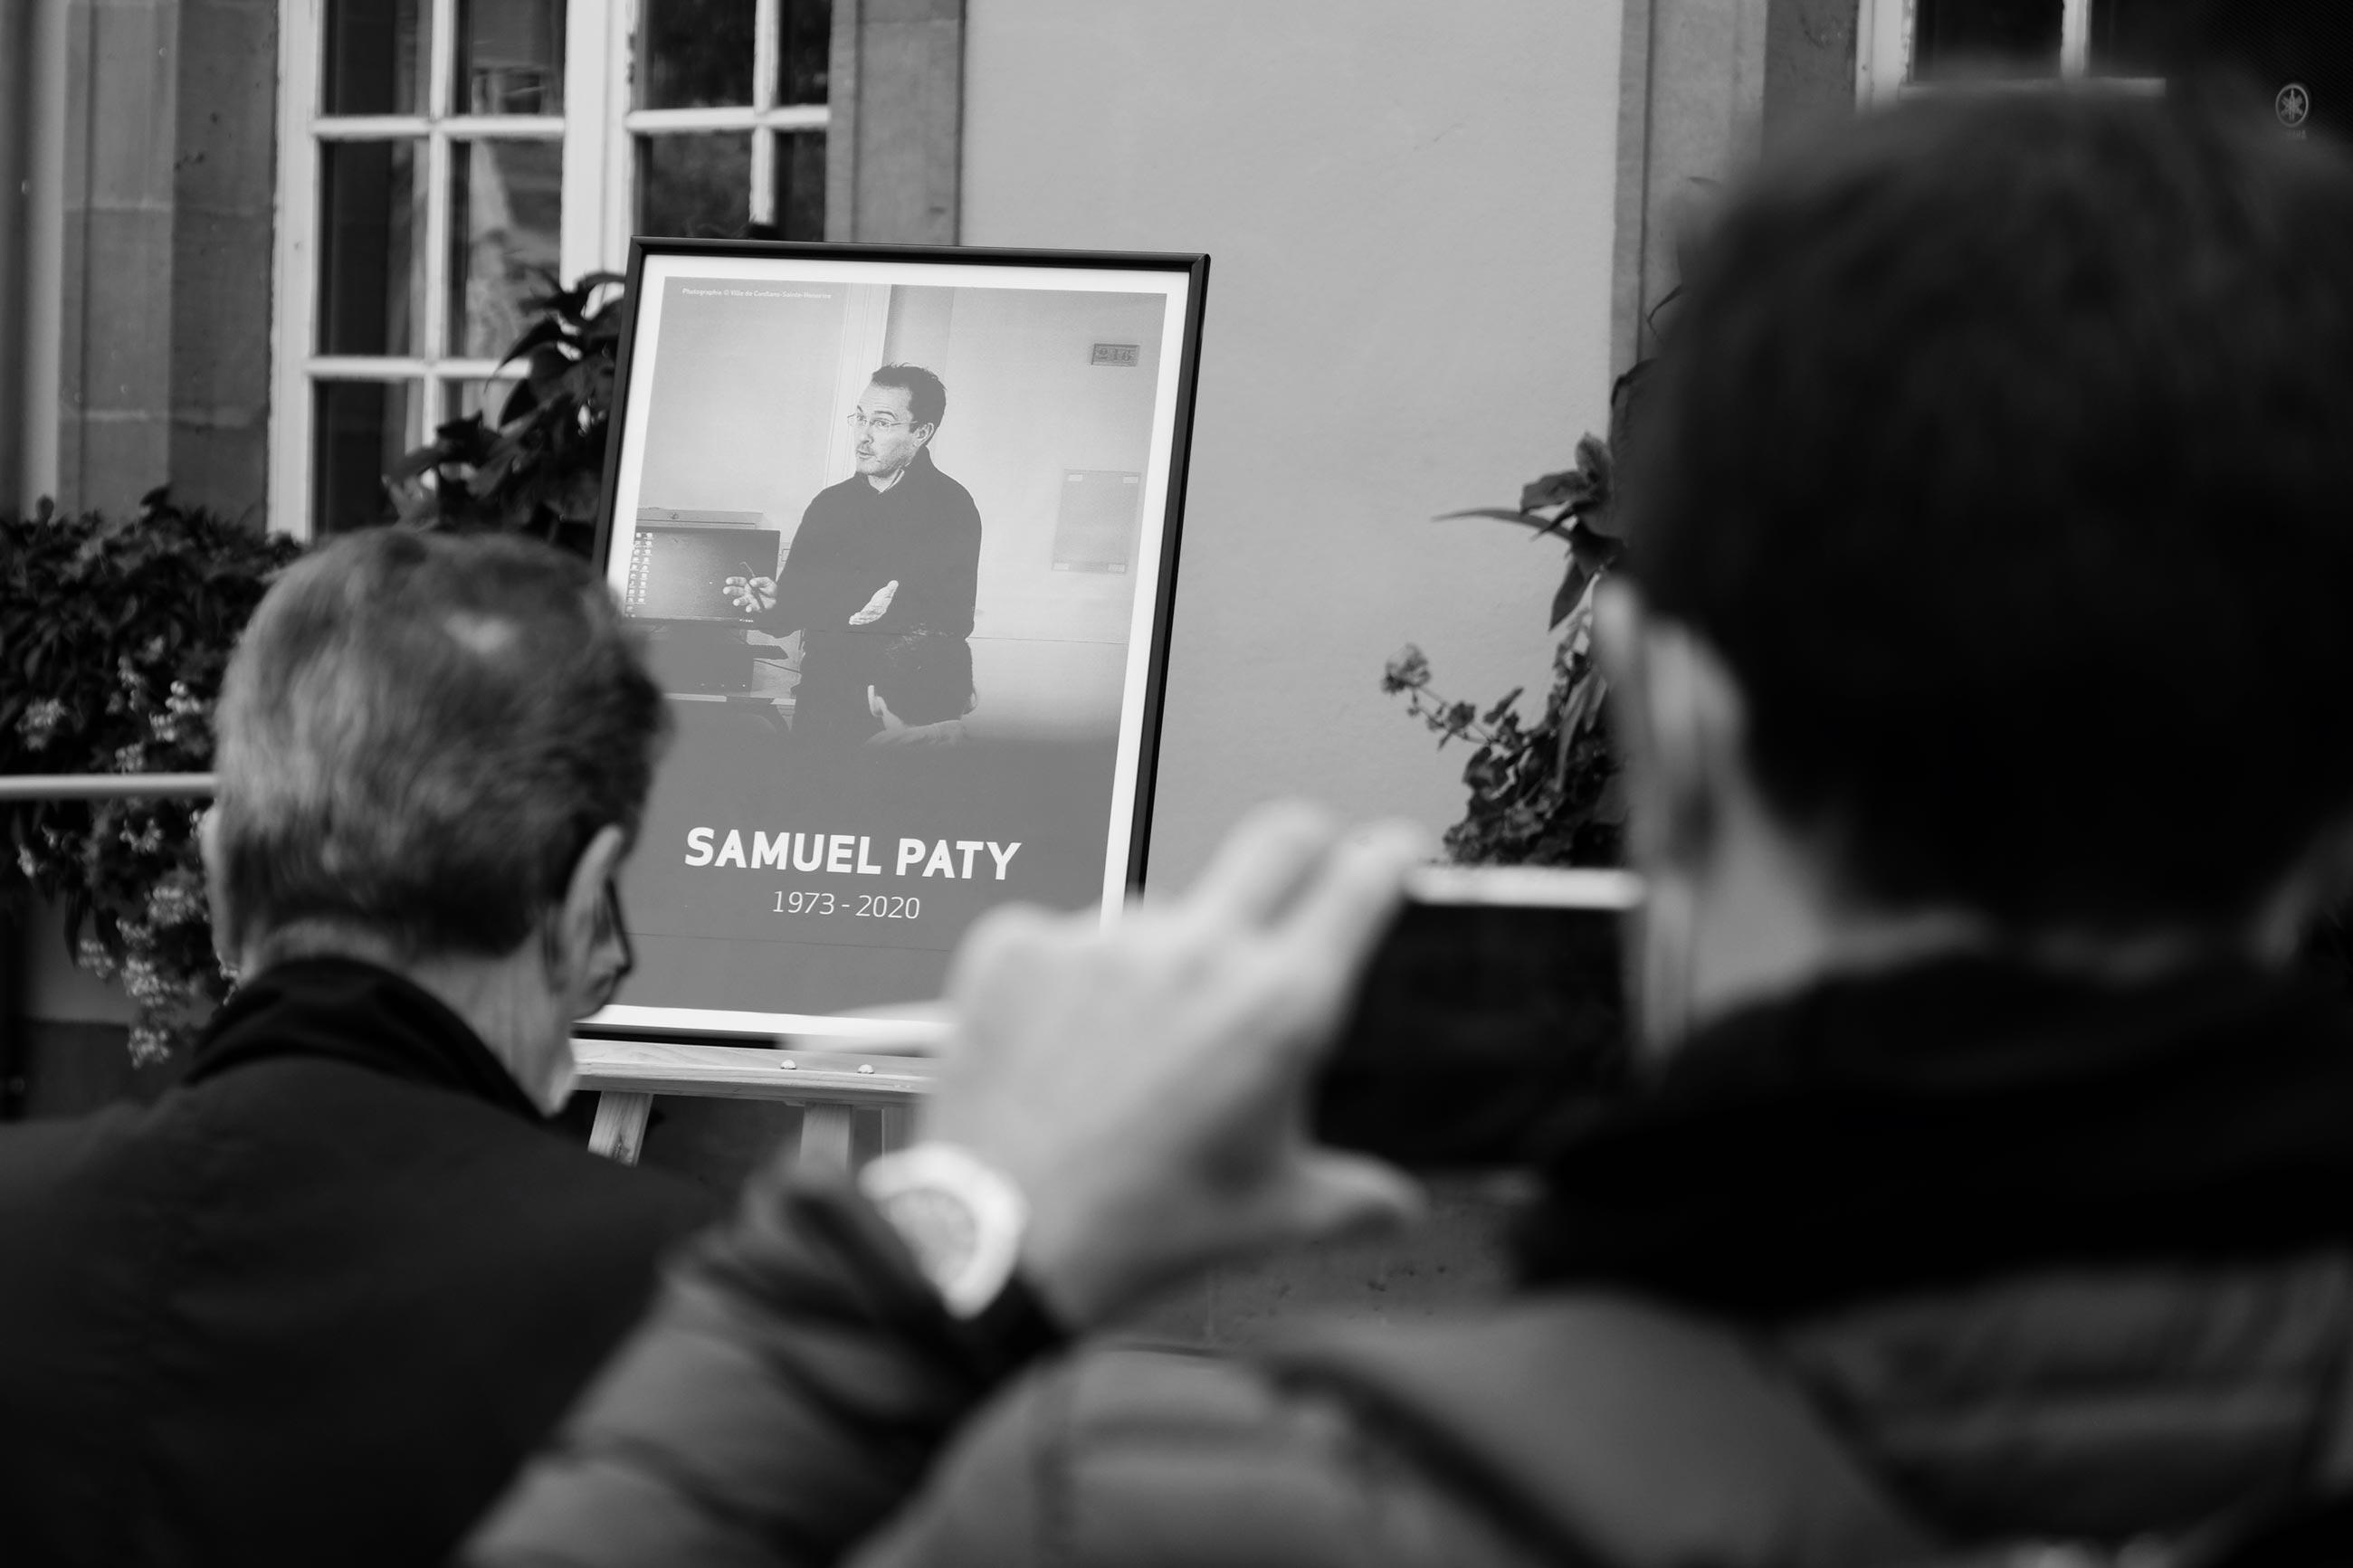 memorial rassemblement belfort - <b>Чеченців із Євросоюзу погрожують депортувати в Росію, де з ними може розправитися Кадиров.</b> Заборона поговорила з одним із них - Заборона